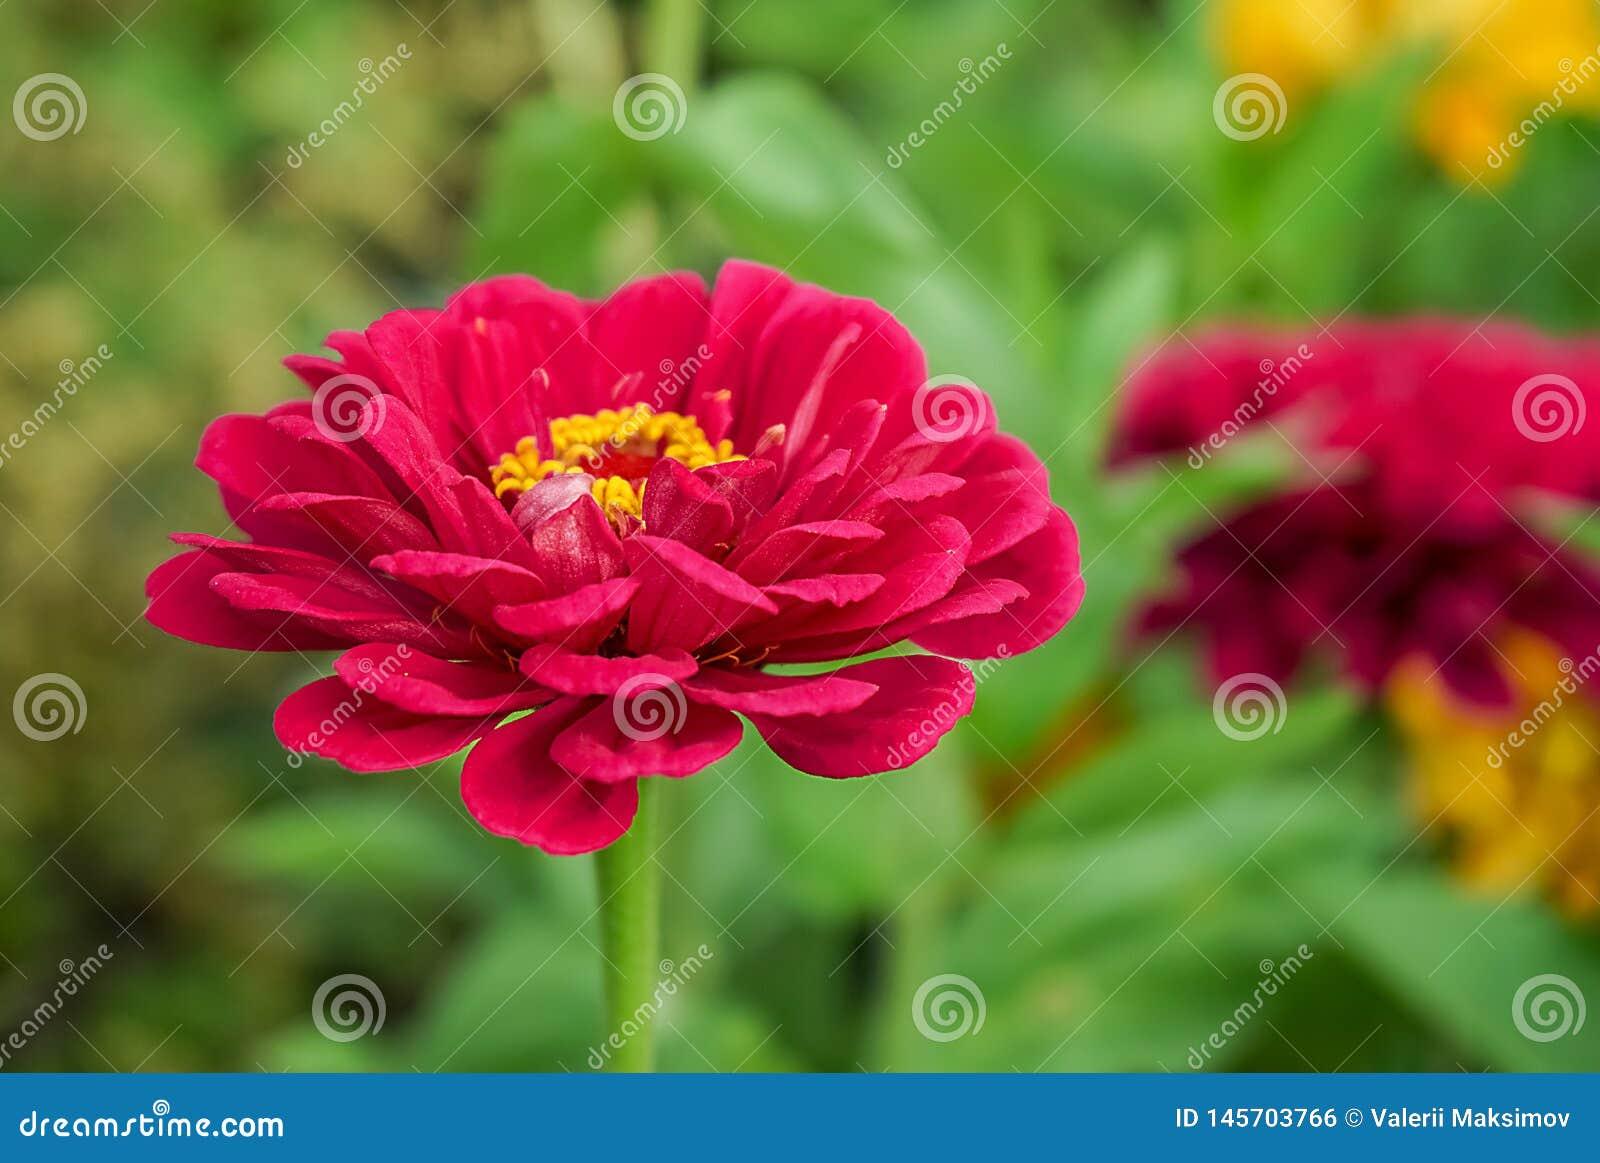 在被弄脏的绿色背景的红色百日菊属花